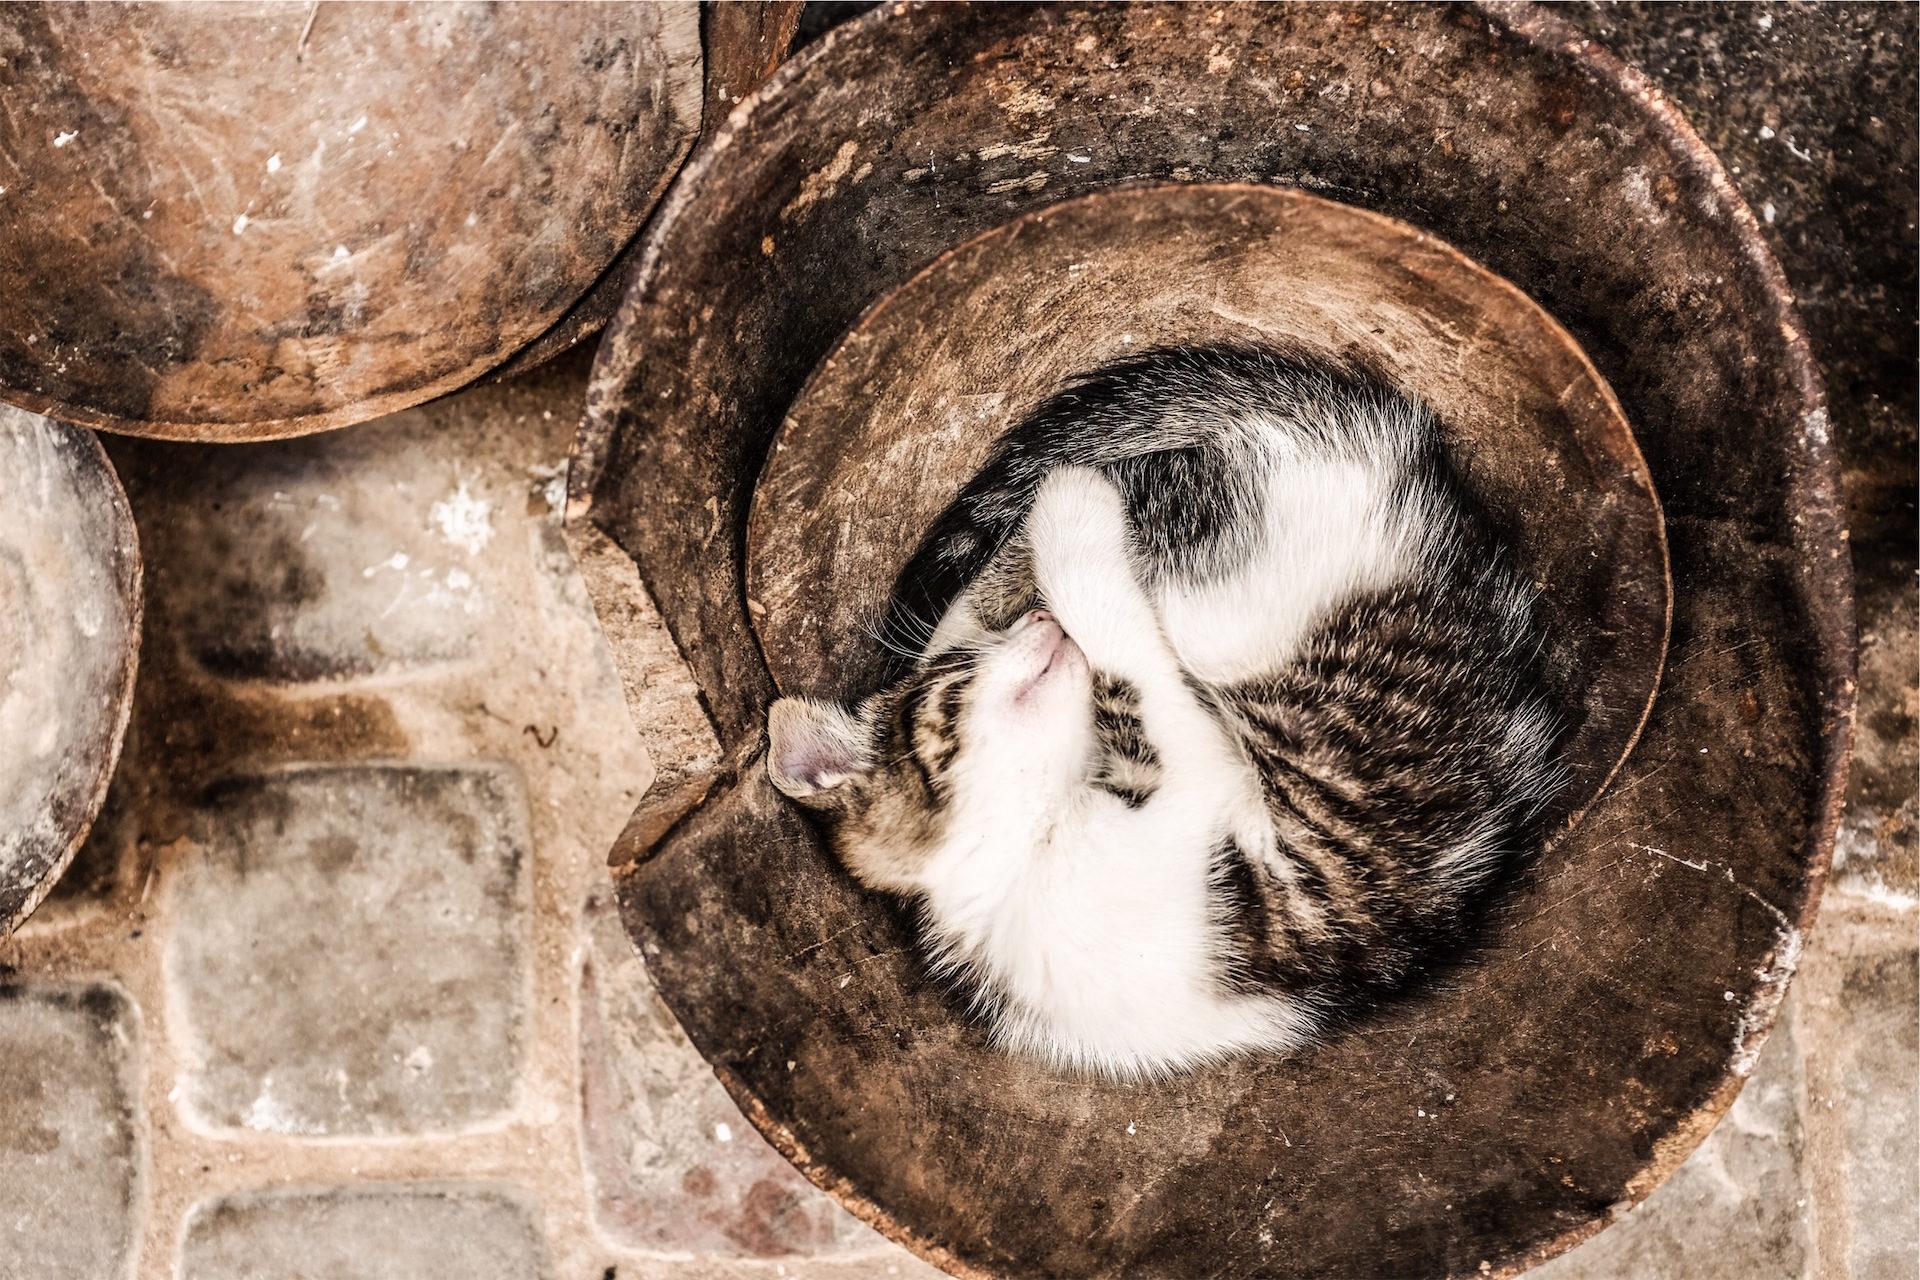 γάτα, ύπνου, Κατοικίδιο ζώο, vasija, Μονάδα - Wallpapers HD - Professor-falken.com